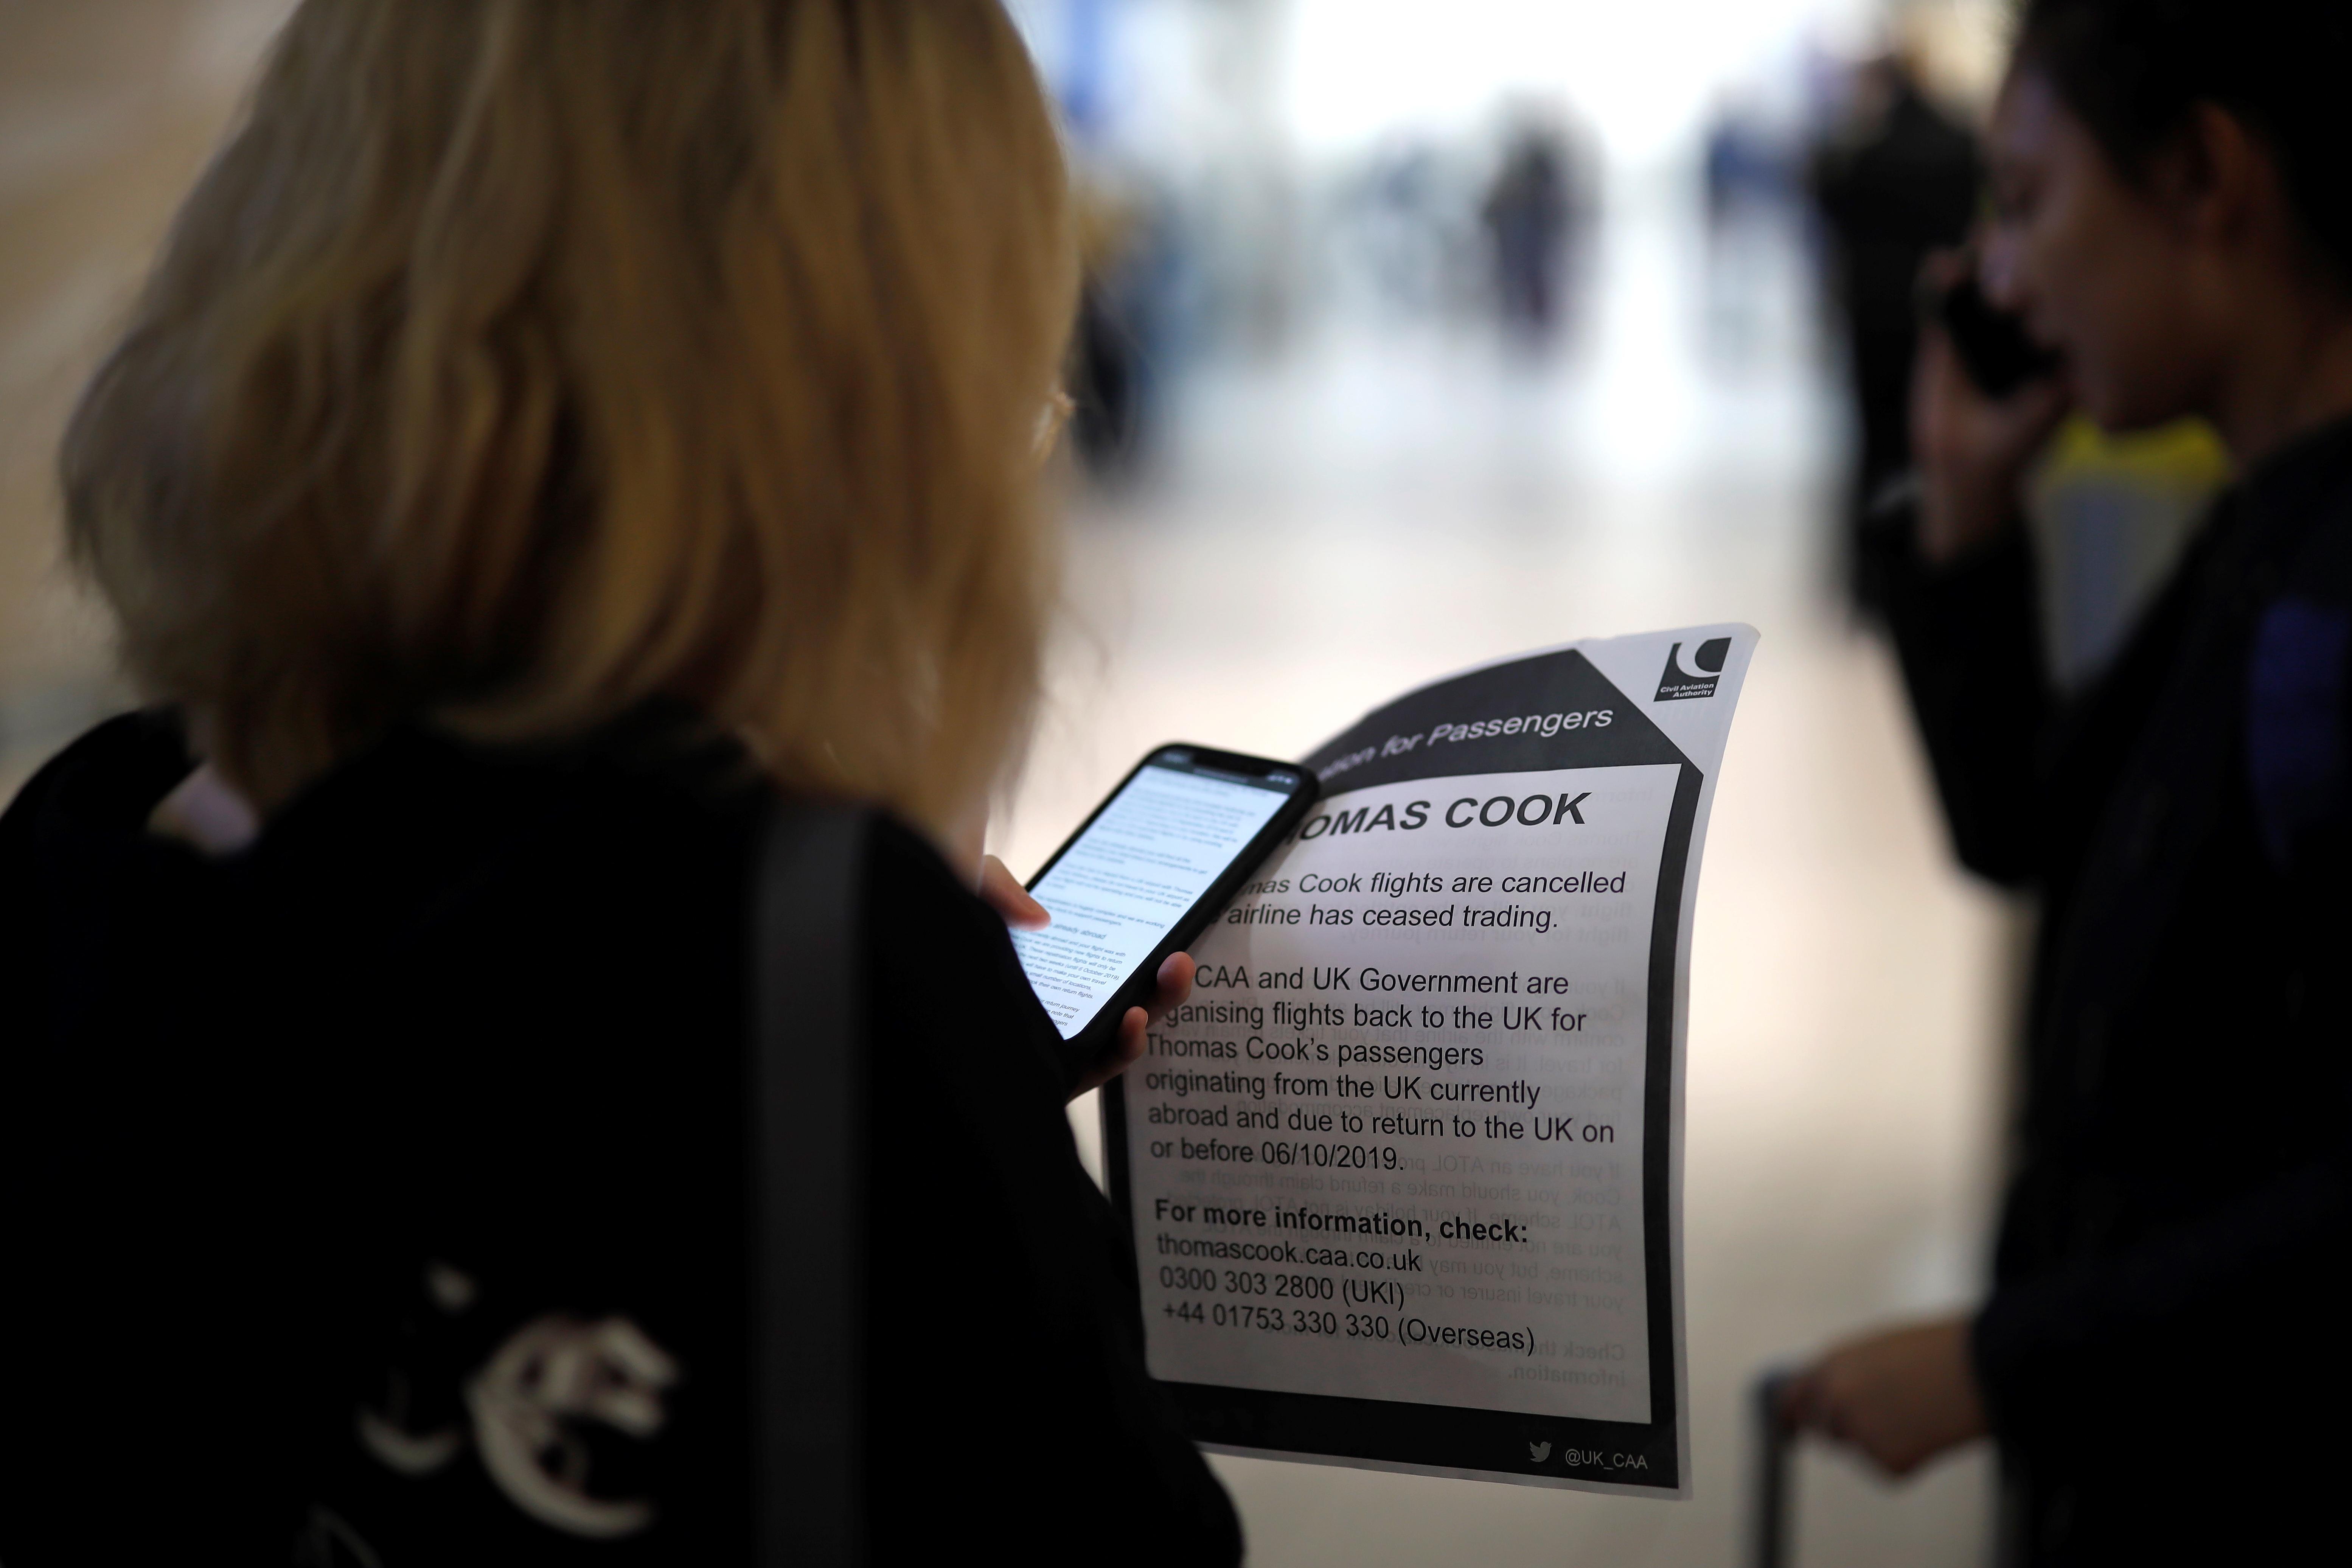 El Gobierno británico aconsejó a los turistas que viajaban con paquetes y vuelos de Thomas Cook que no acortaran sus estancias. El regulador de aviación civil planea repatriar a los clientes lo más cerca posible de la fecha de regreso reservada